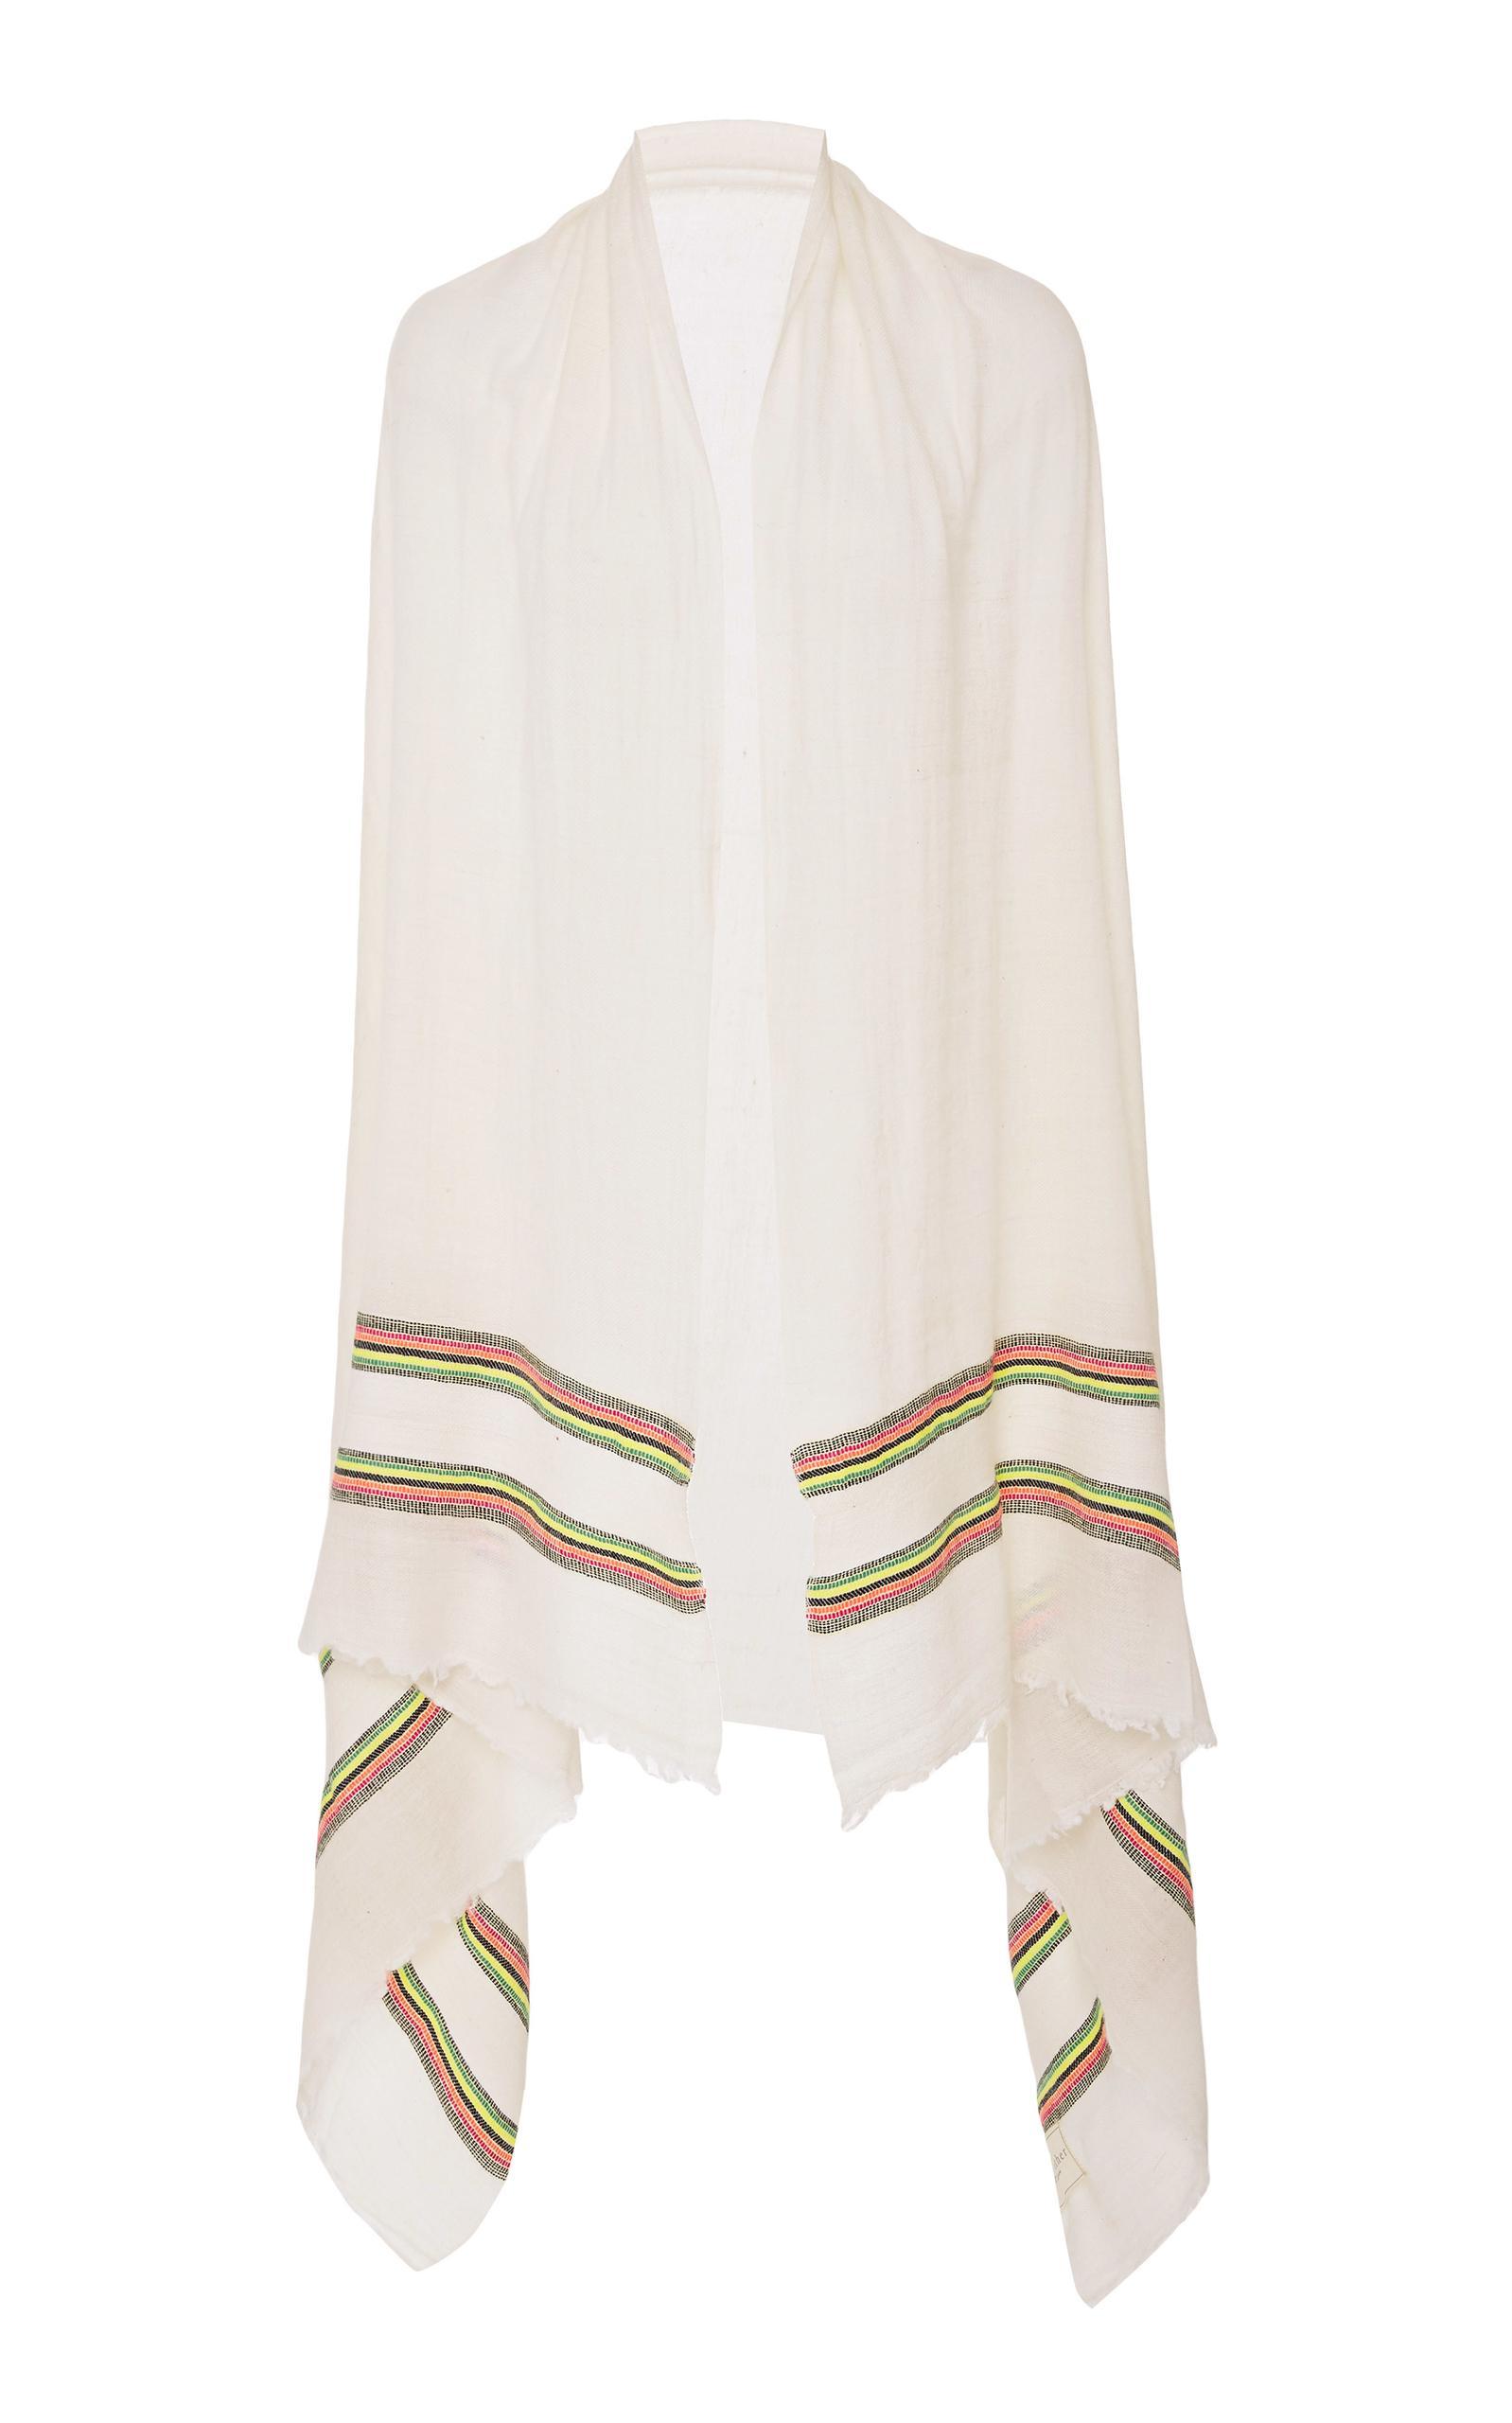 Rae Feather Multi Border Pashmina In White